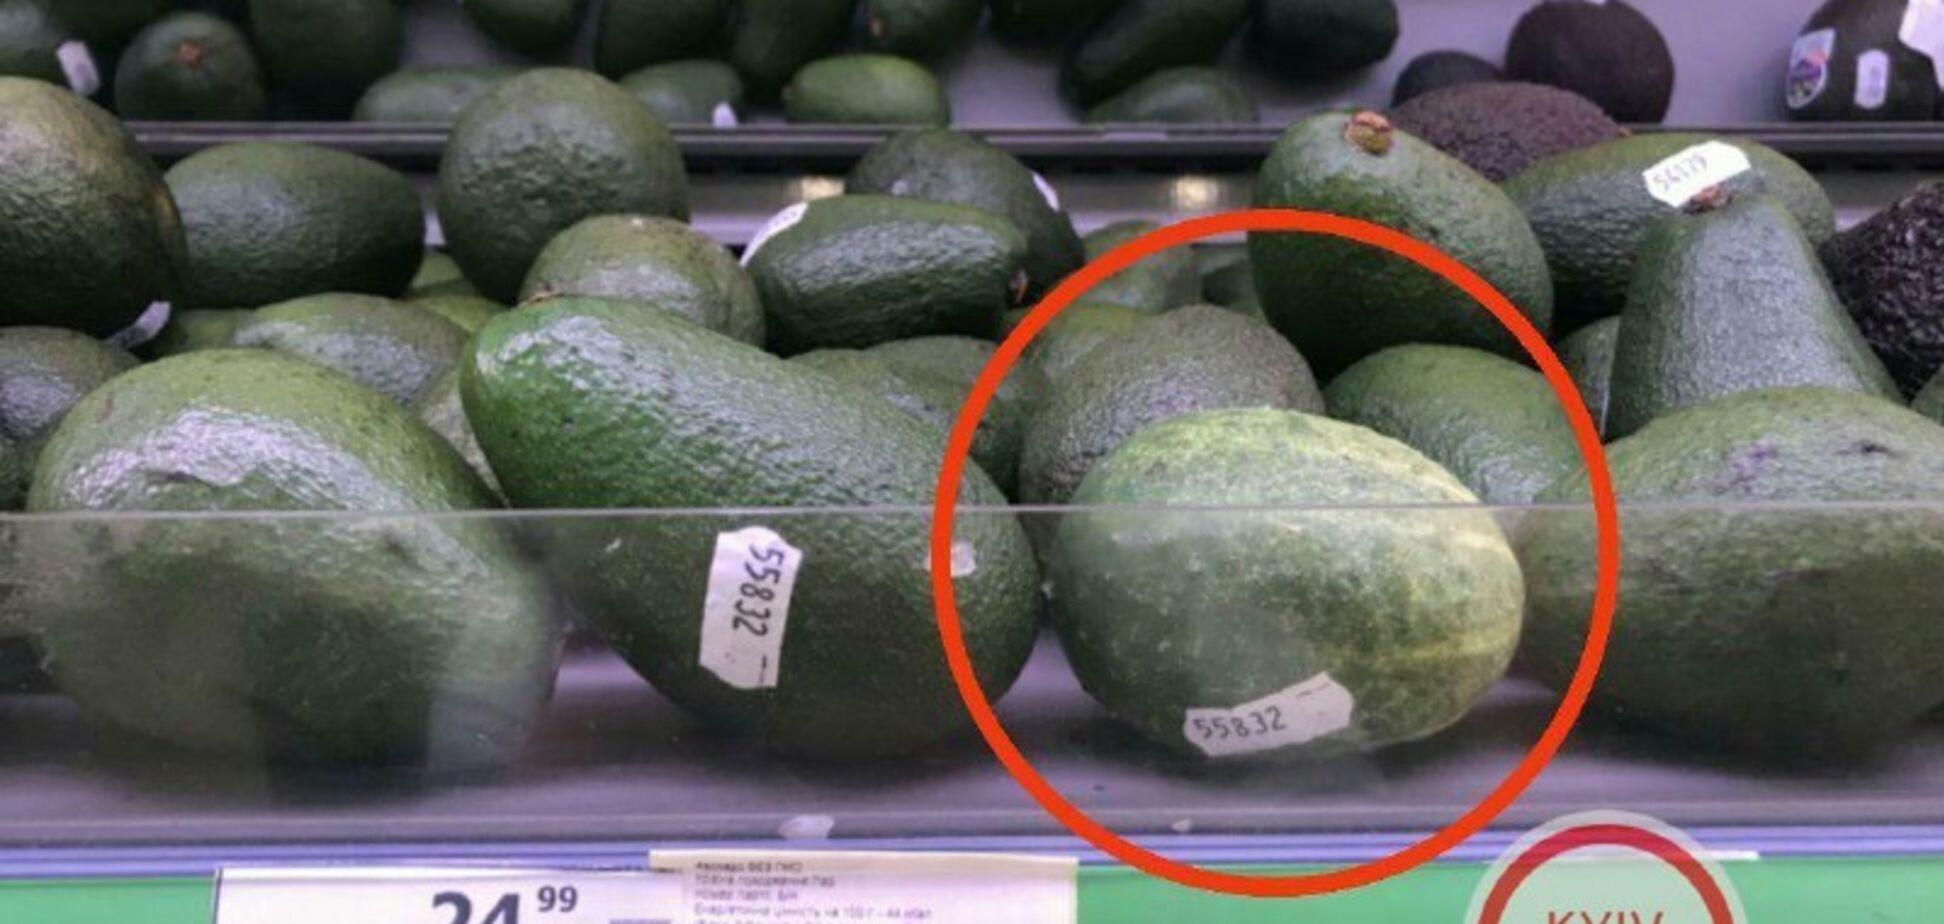 'Даже ценник прикрепили': супермаркет в Киеве уличили в забавном обмане